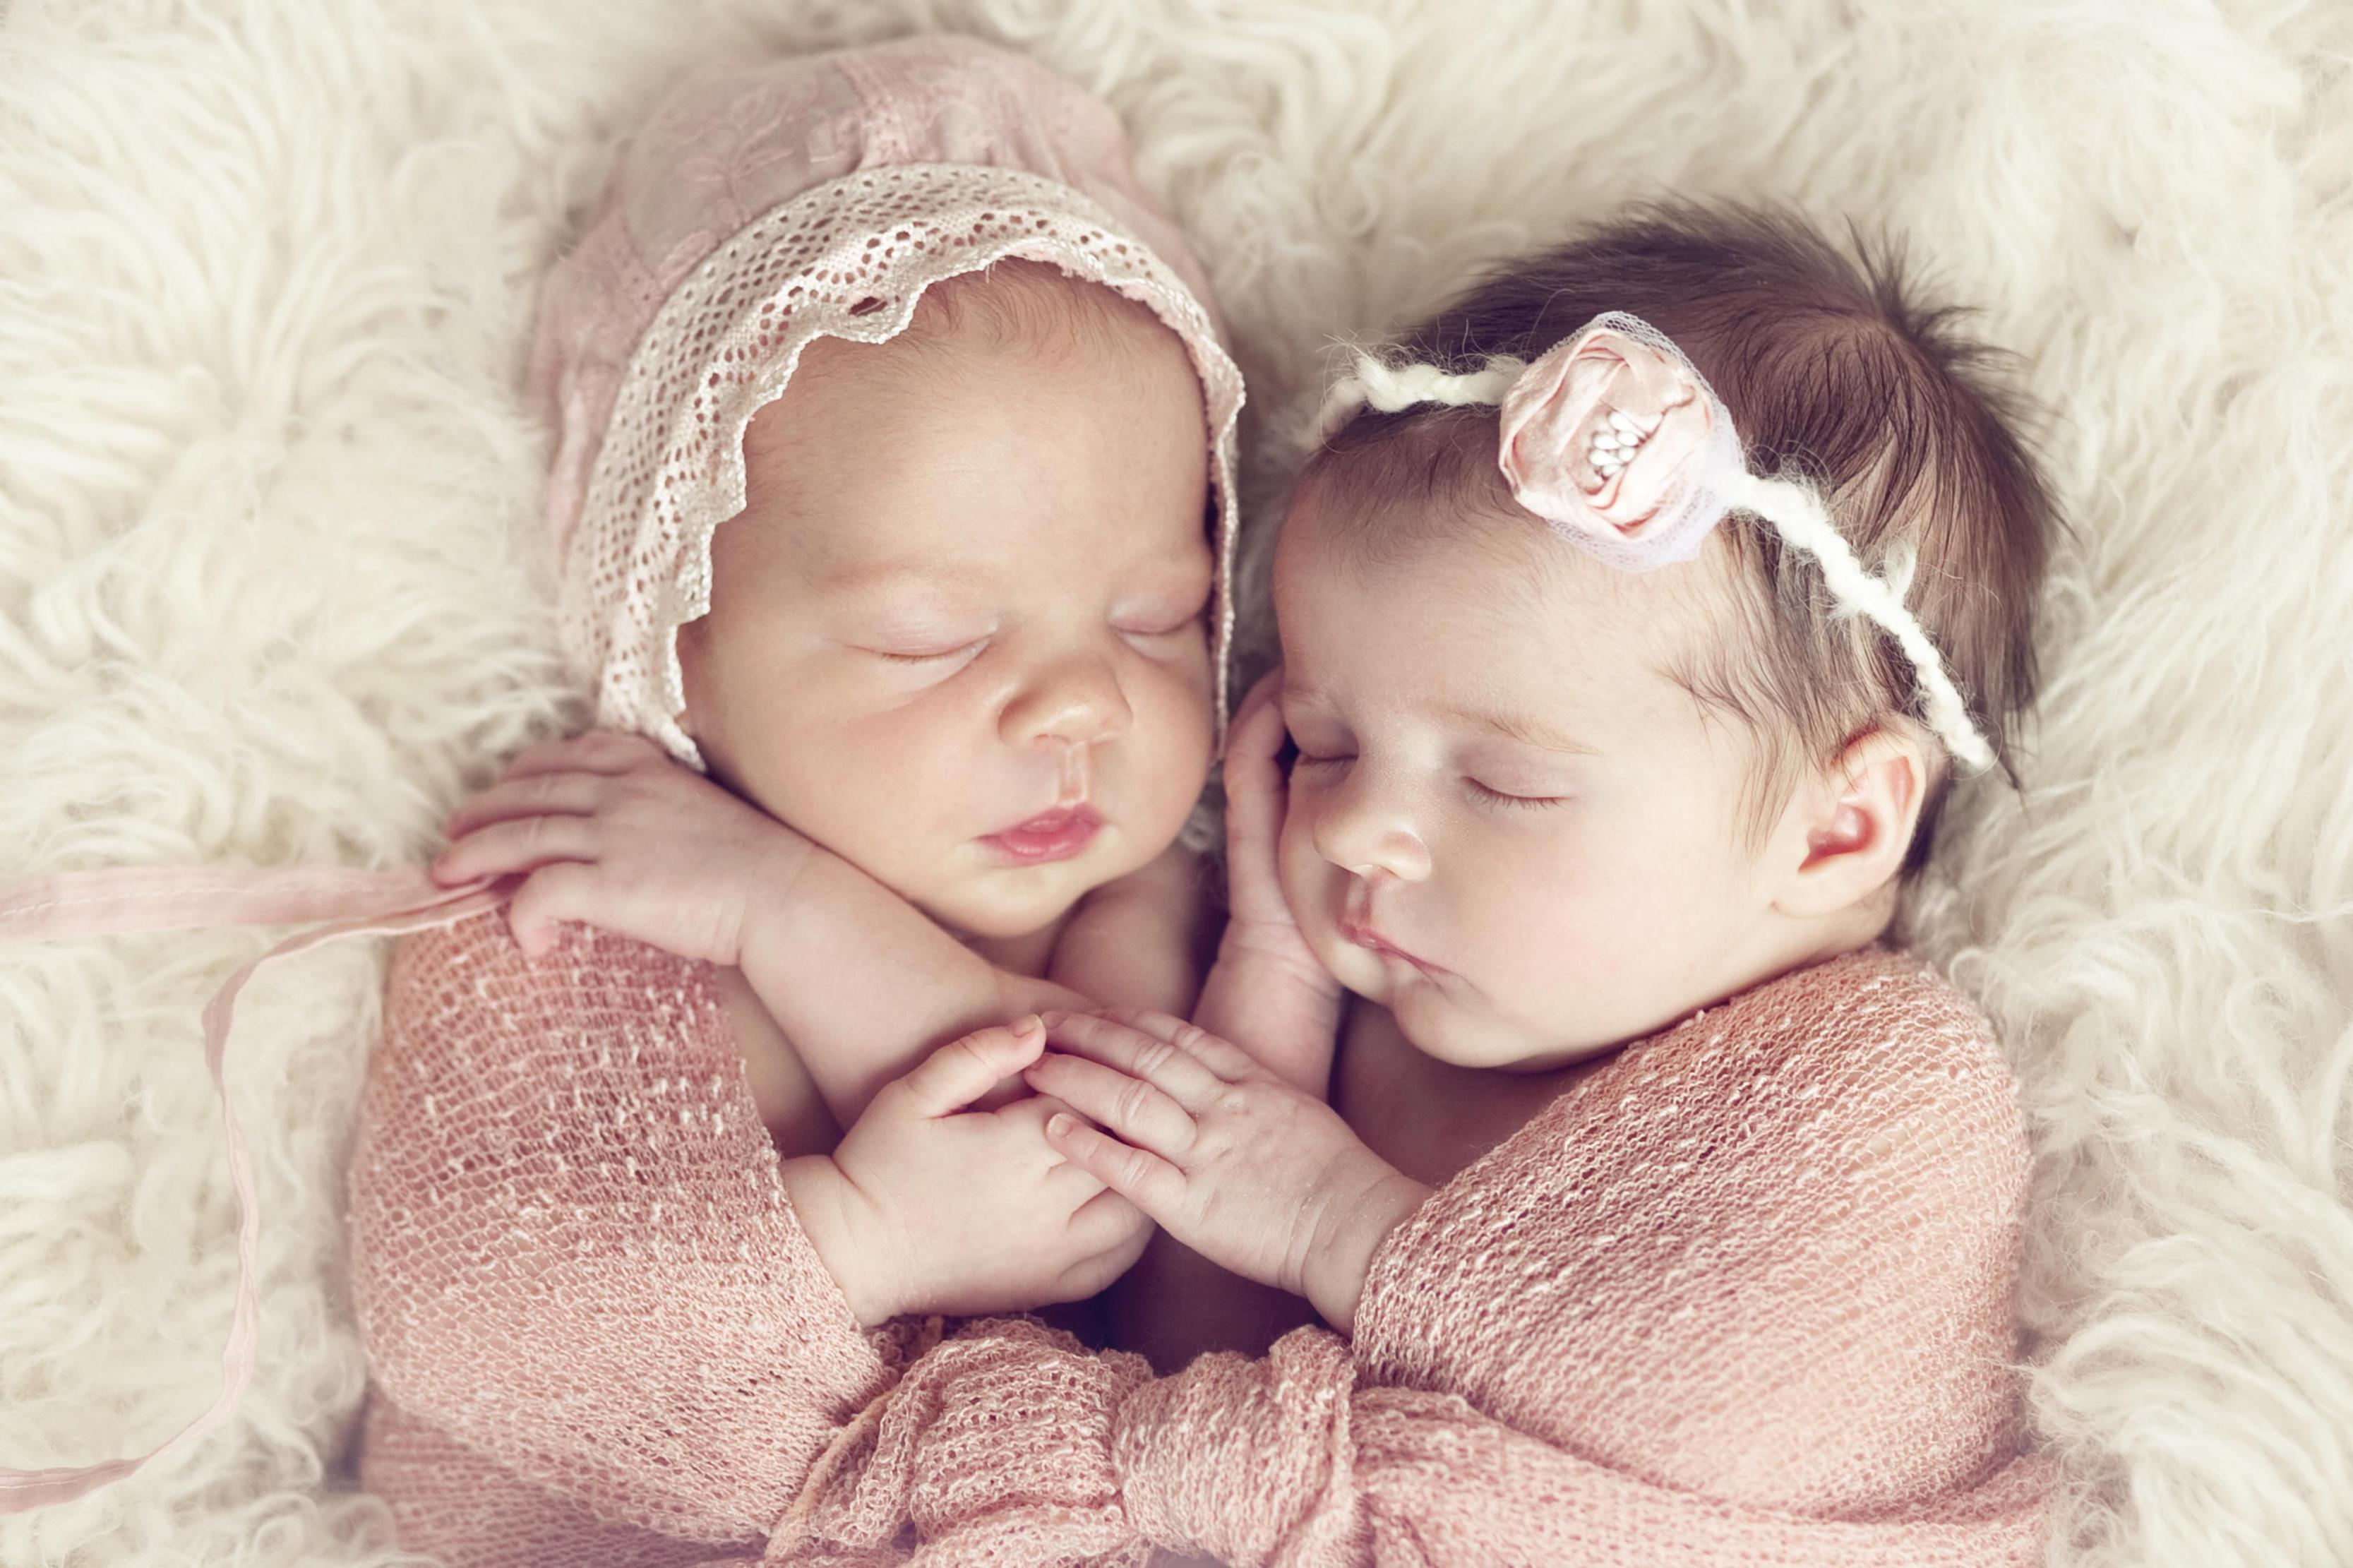 بالصور صو ر بنات جميله اطفال , صور اجمل بنات في العالم كله 11607 3